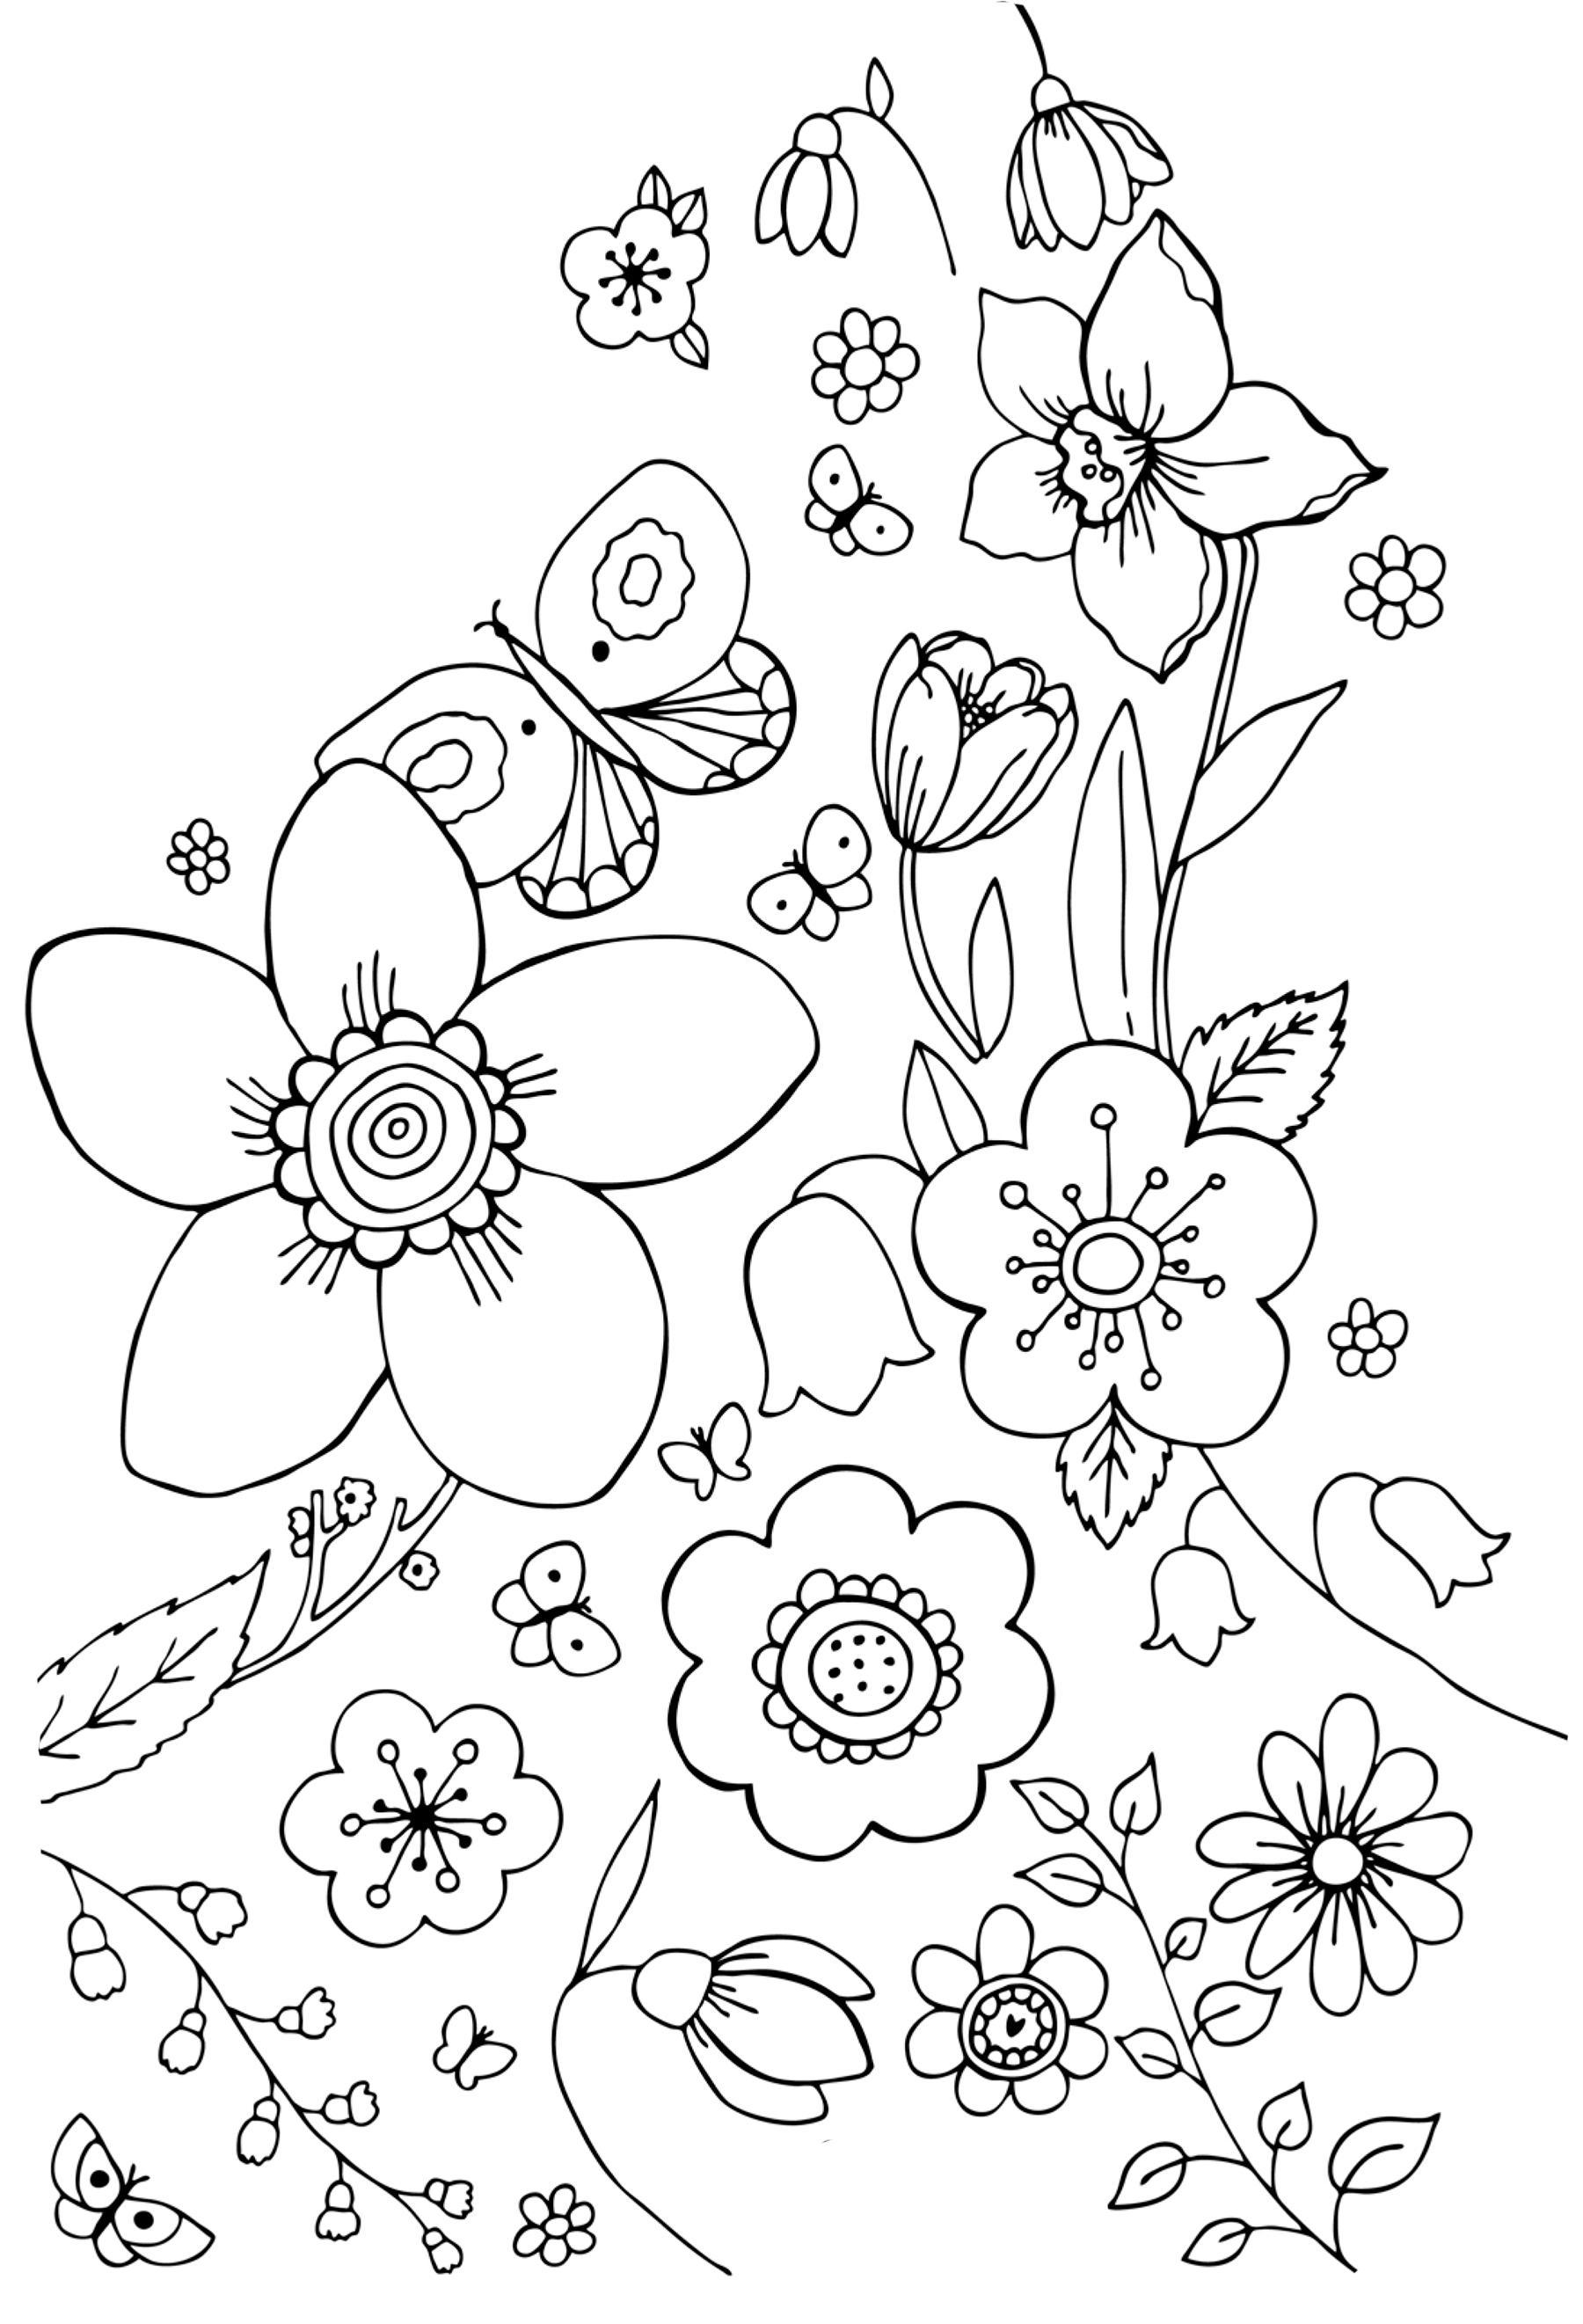 Клумба разных цветов с бабочками Красивые раскраски цветов